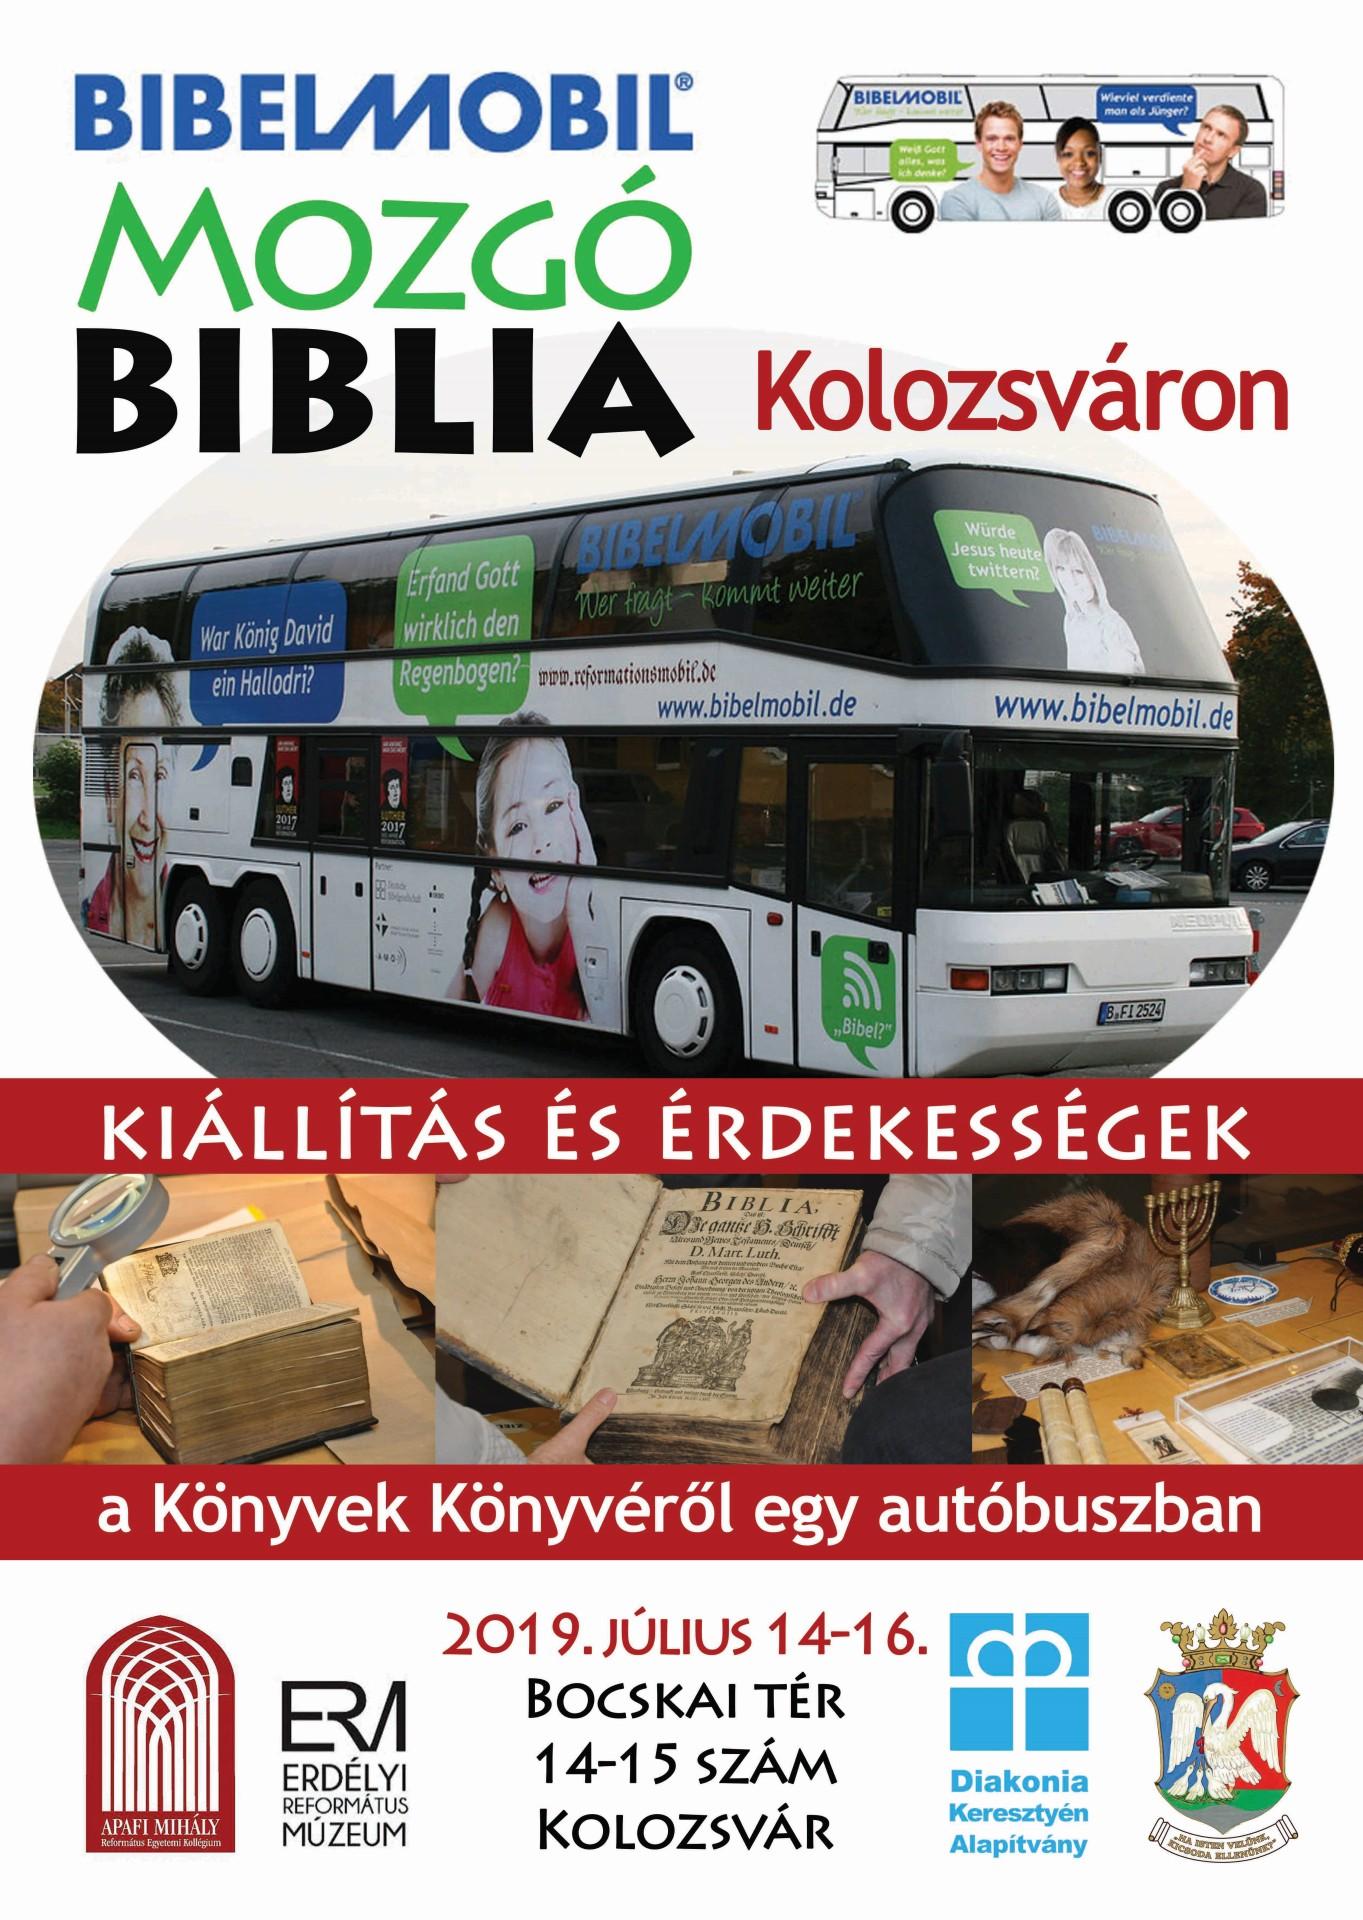 Bibliakiállítás négy keréken